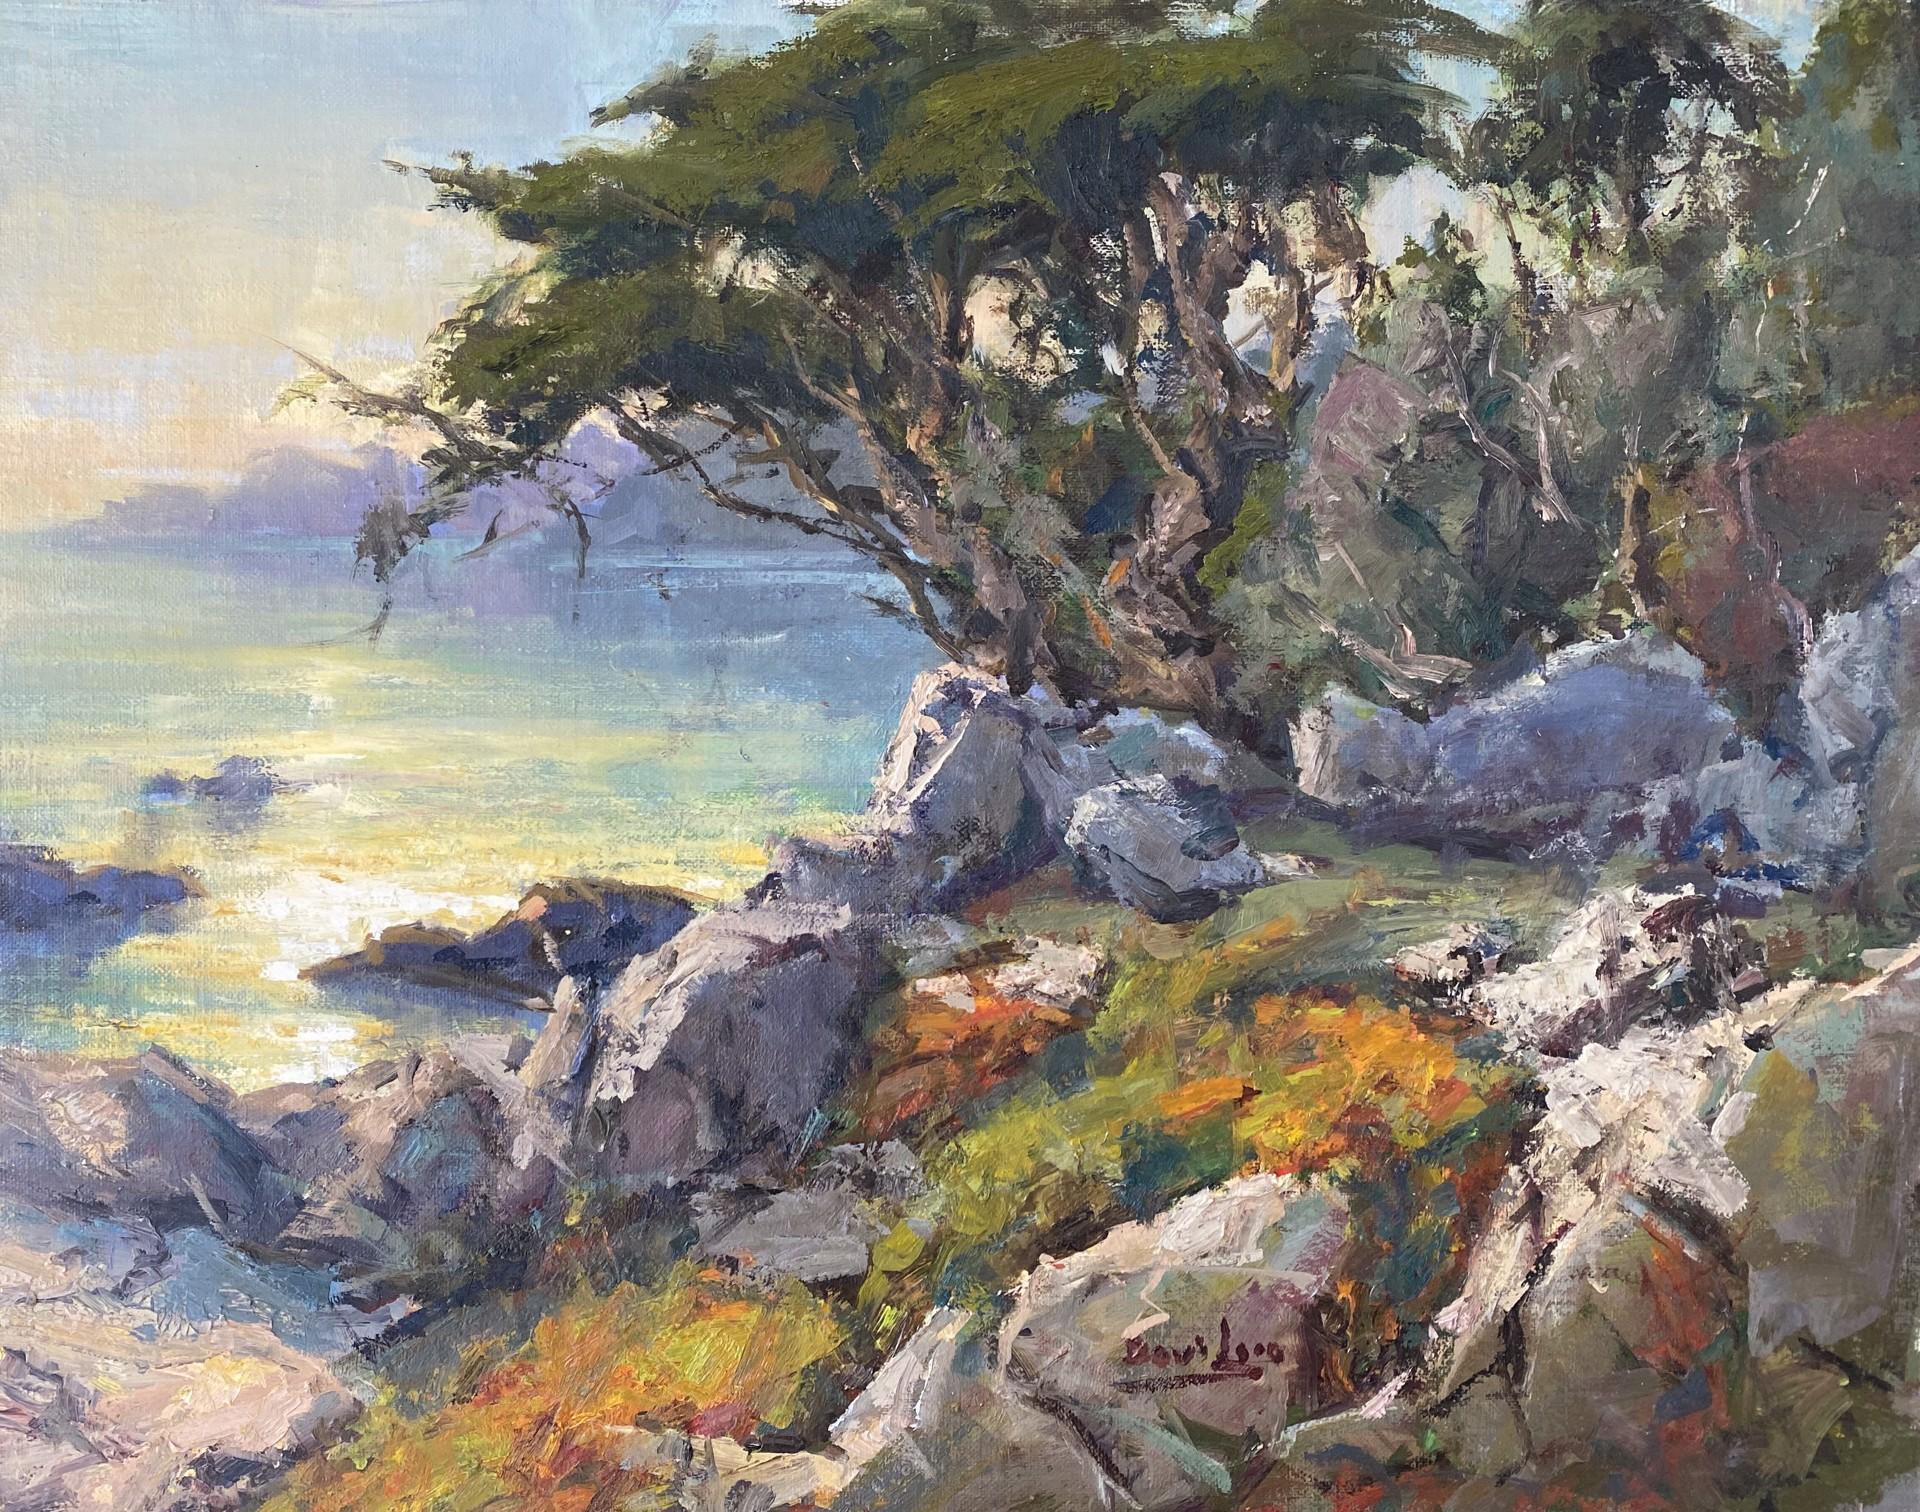 Standing in Light by Bill Davidson